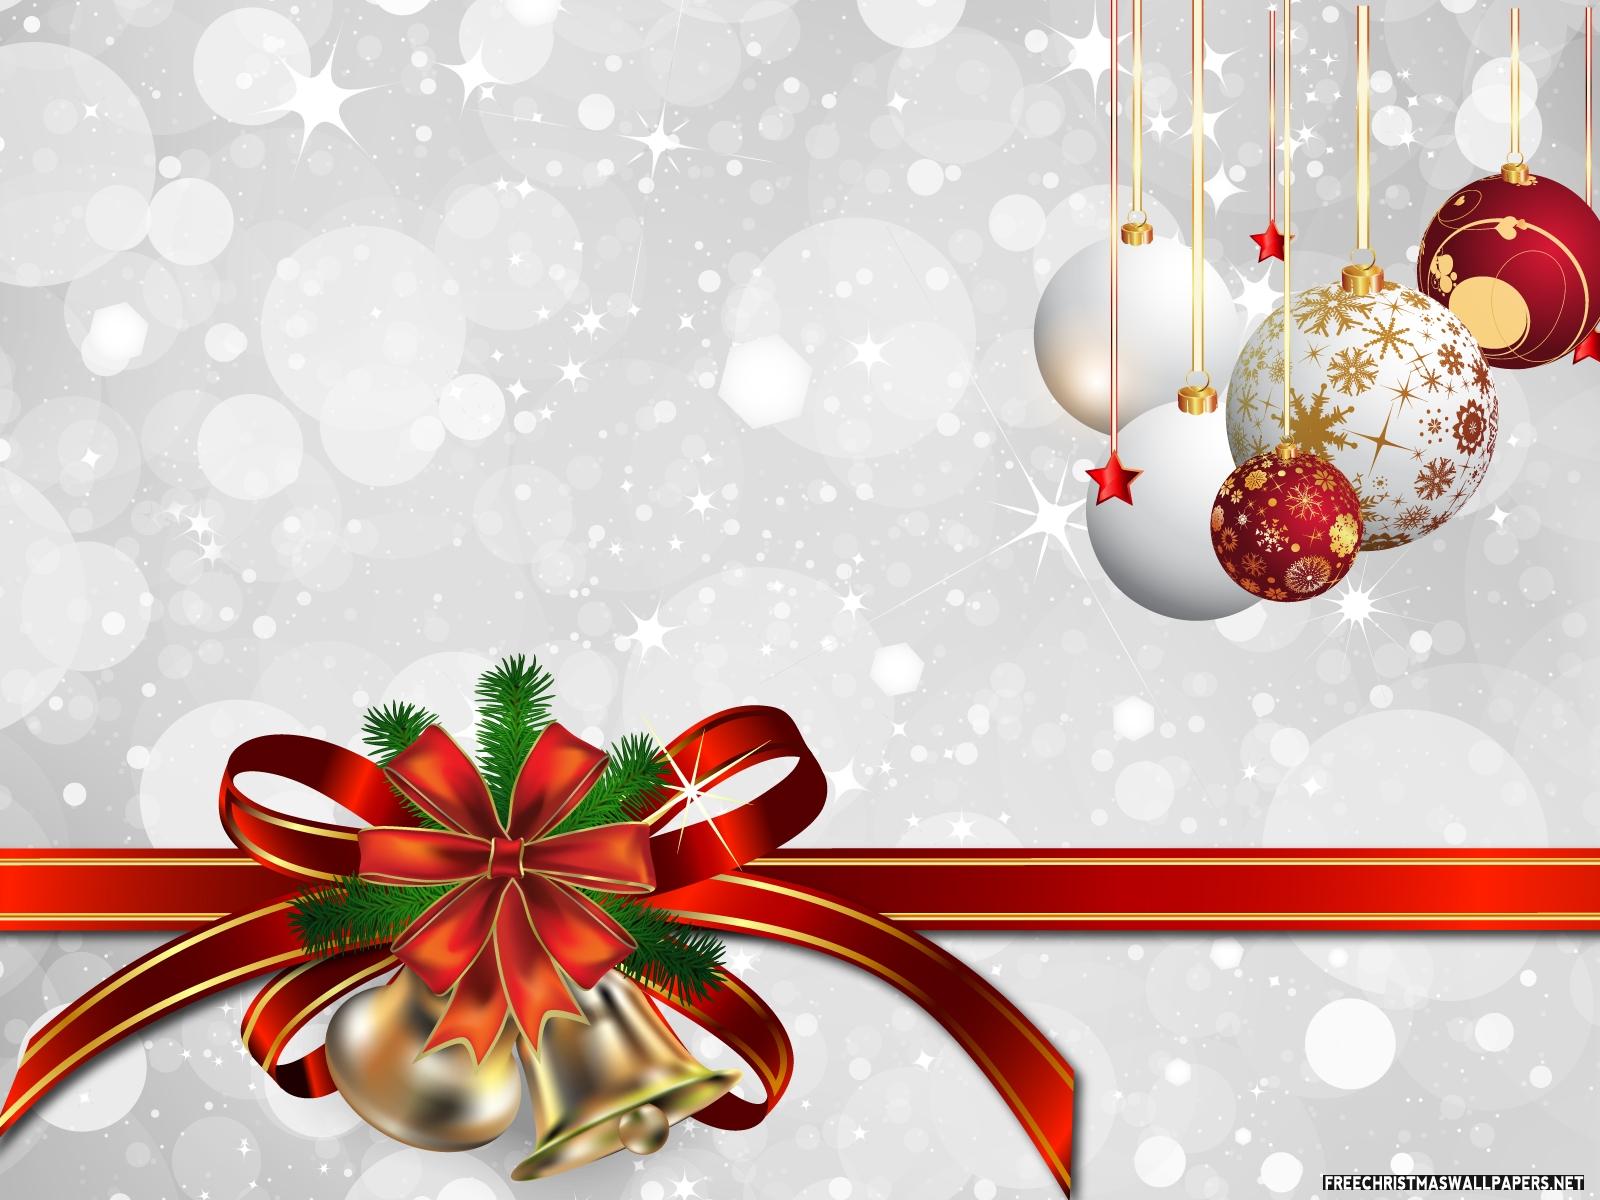 Christmas-christmas-32534905-1600-1200